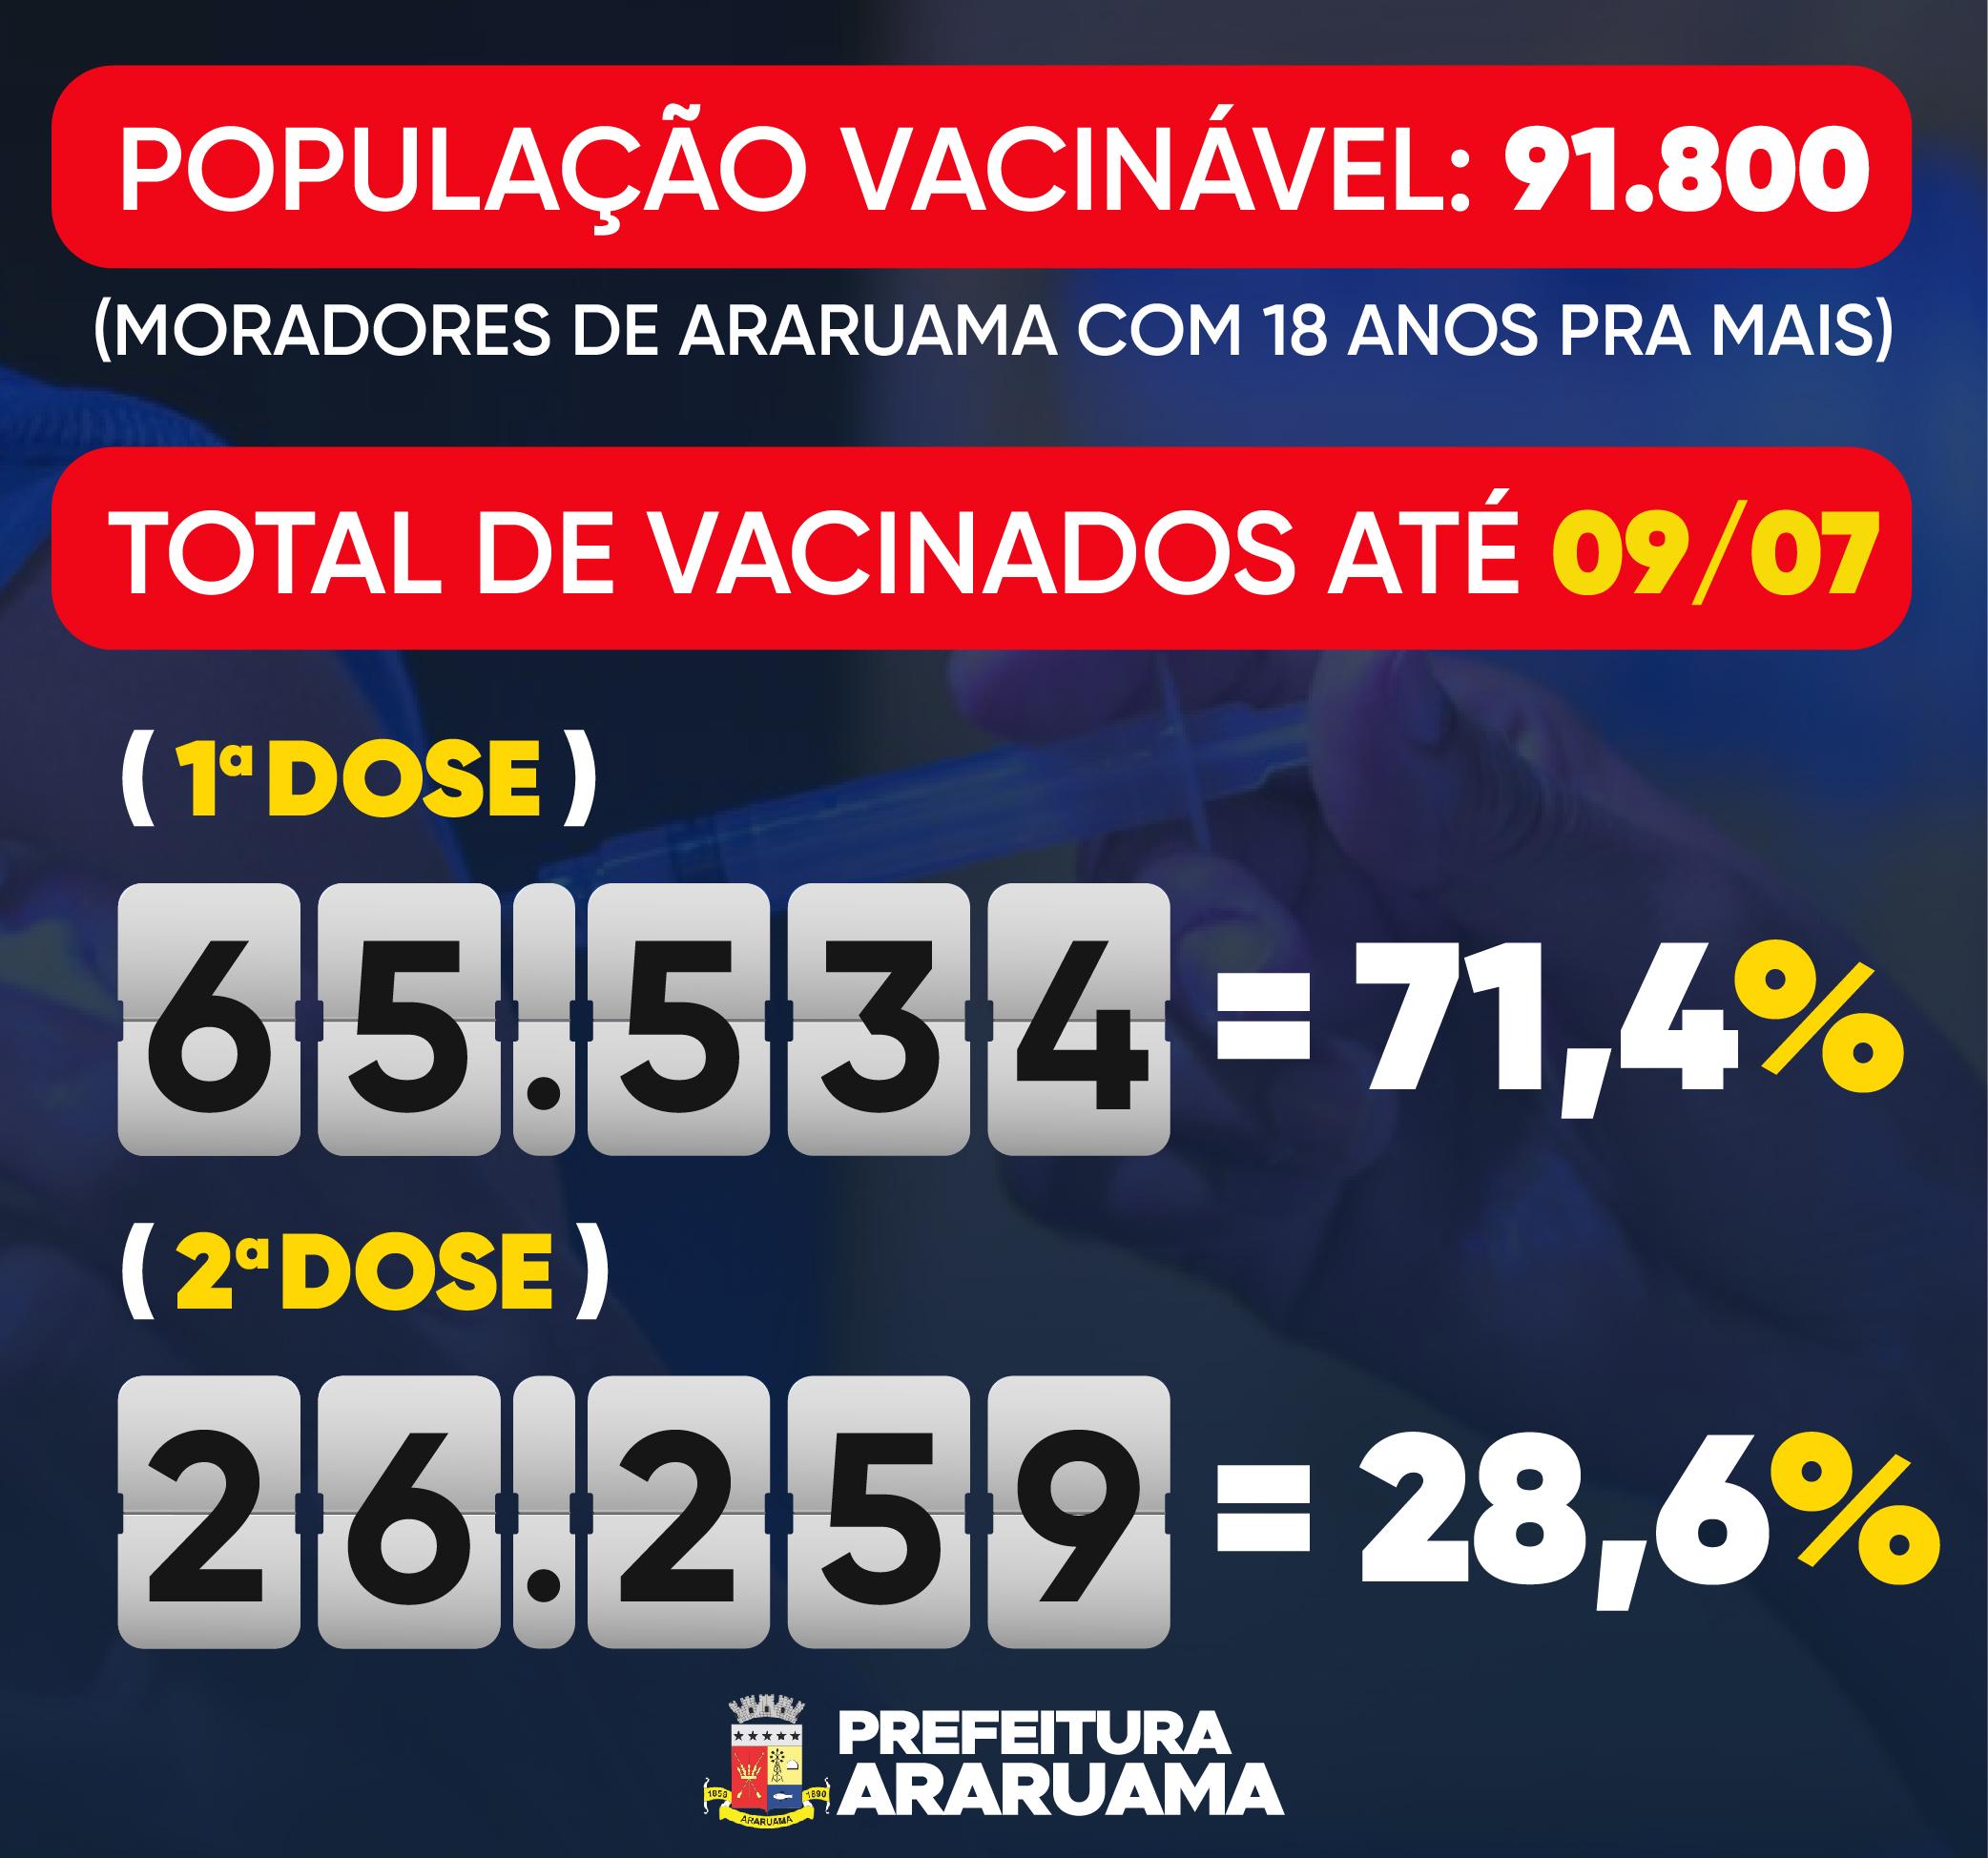 Araruama supera 70% de cobertura vacinal contra a Covid-19 e ocupação de leitos cai